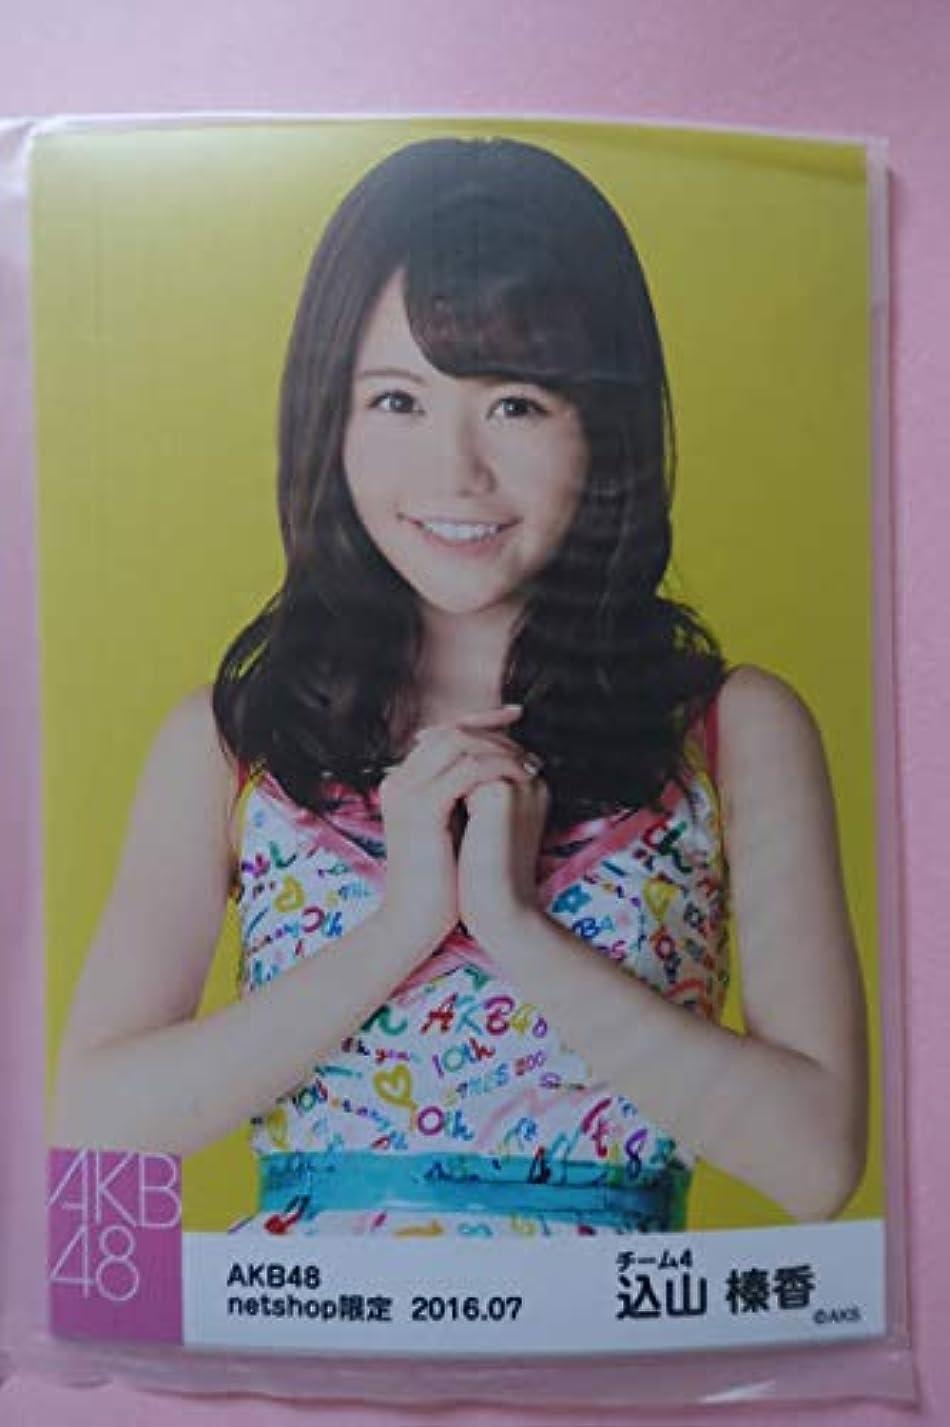 ロープチャンピオンシップピルファーAKB48 個別生写真5枚セット 2016.07 込山榛香 グッズ